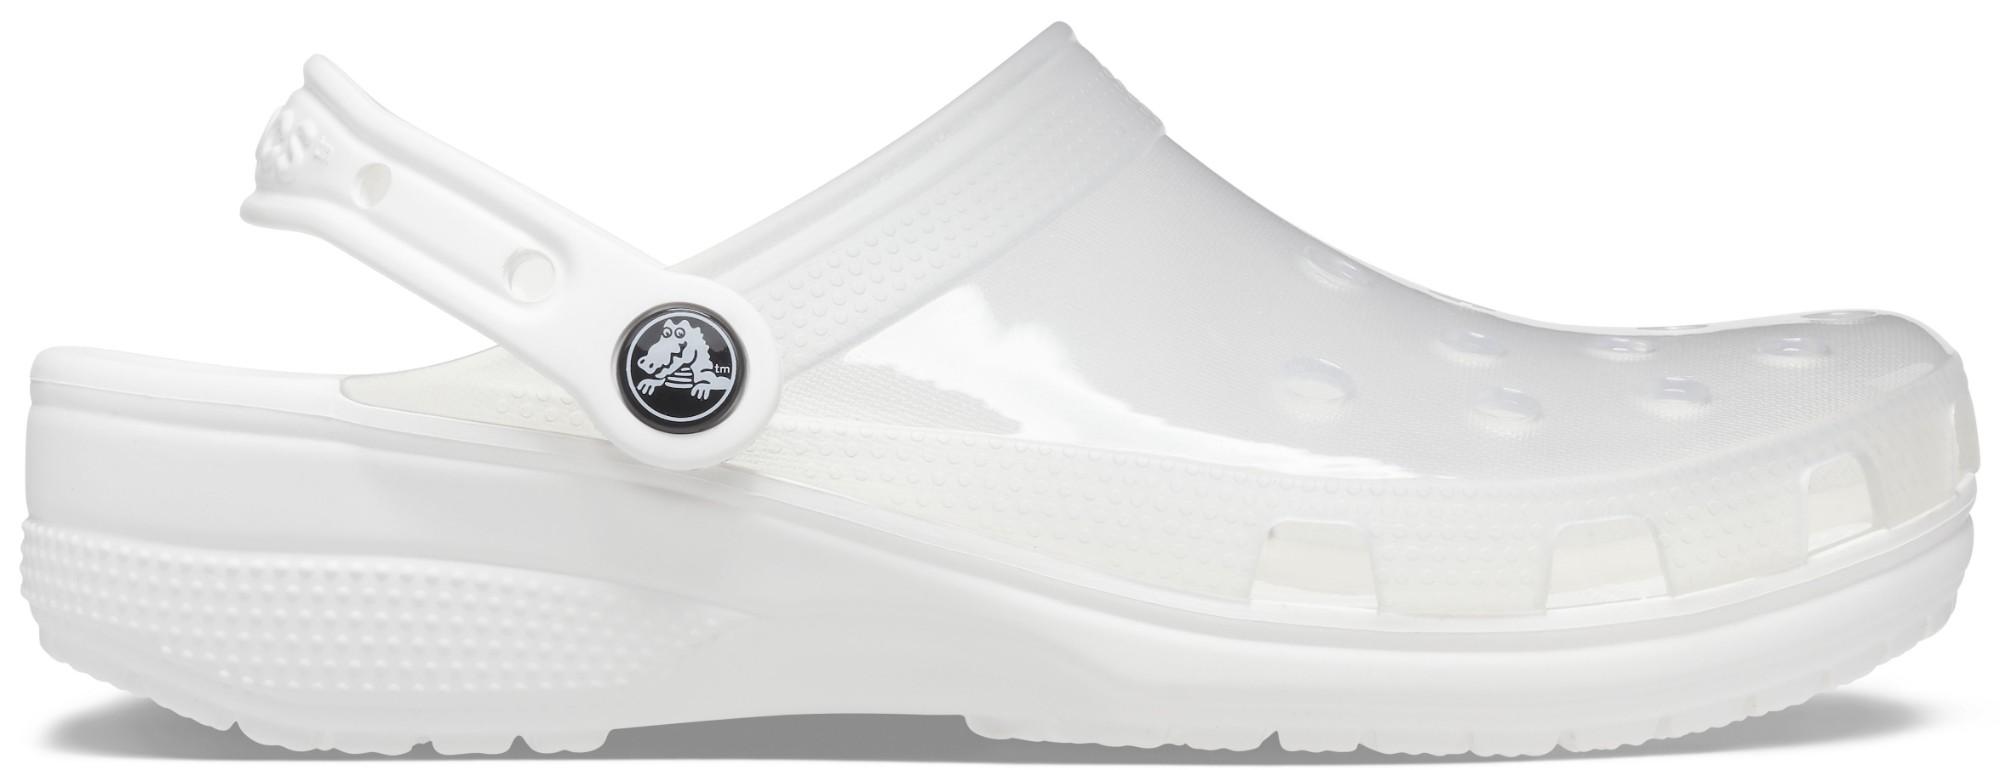 Crocs™ Classic Translucent Clog White 44,5